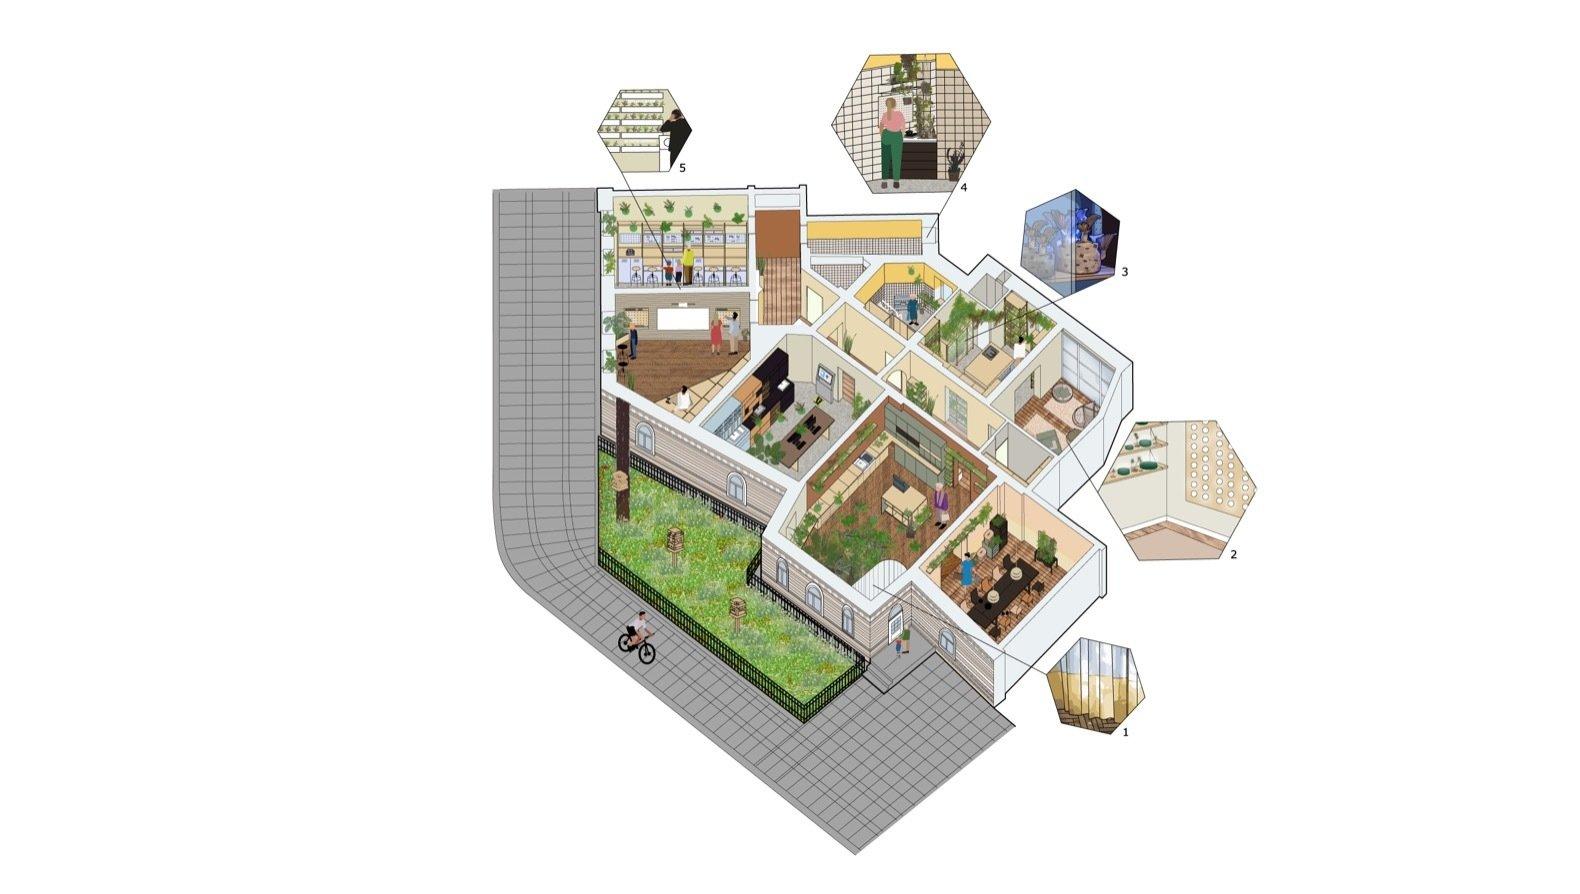 IKEA Home of Tomorrow diagram